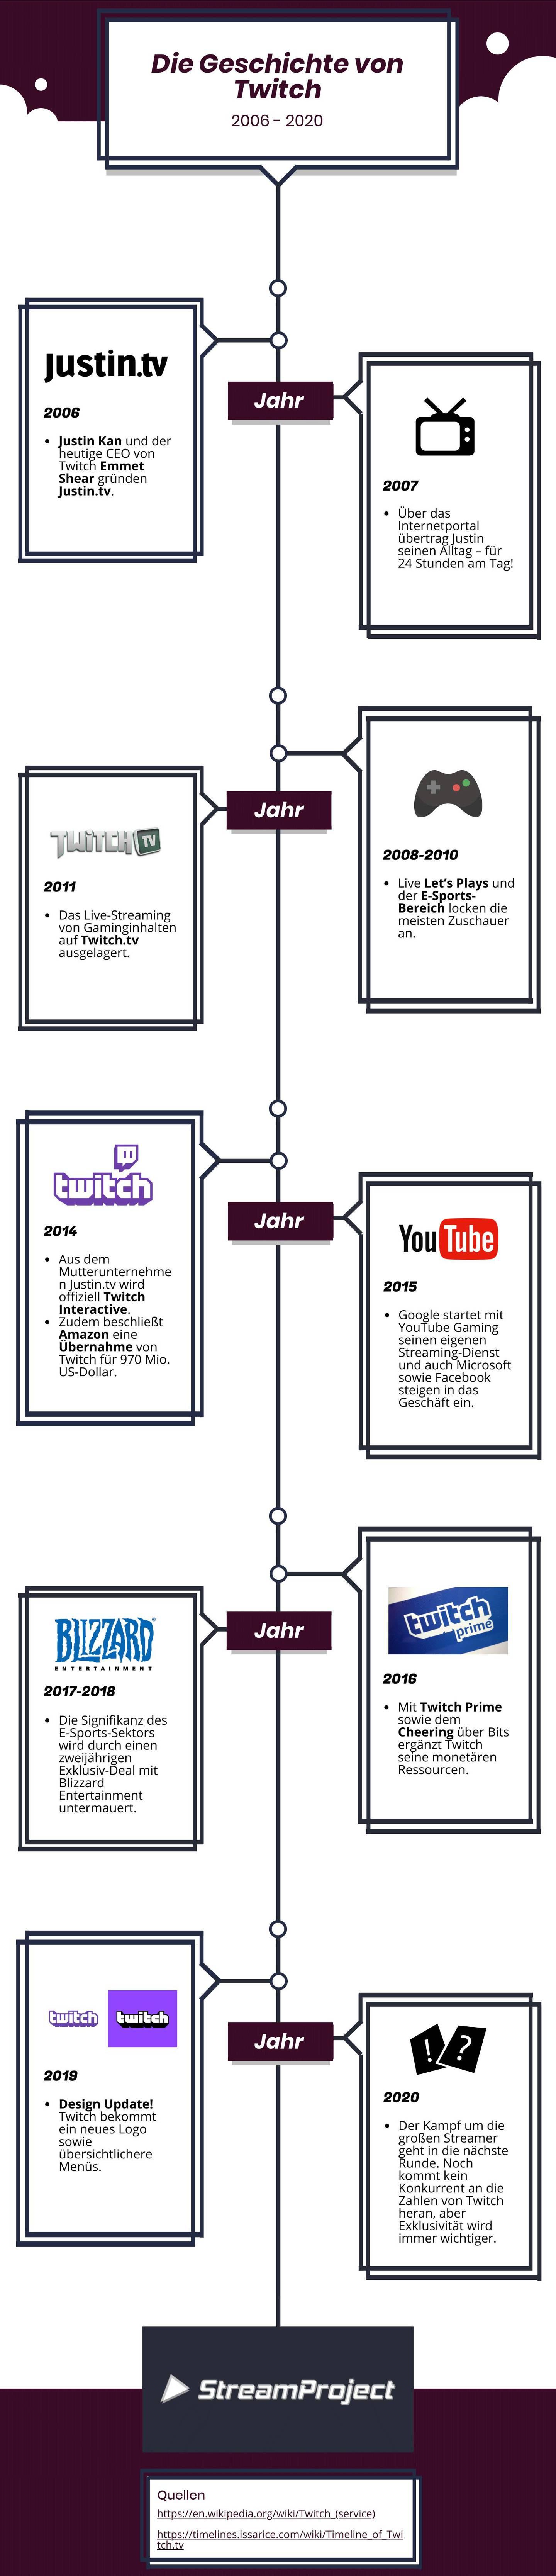 Die Geschichte von Twitch